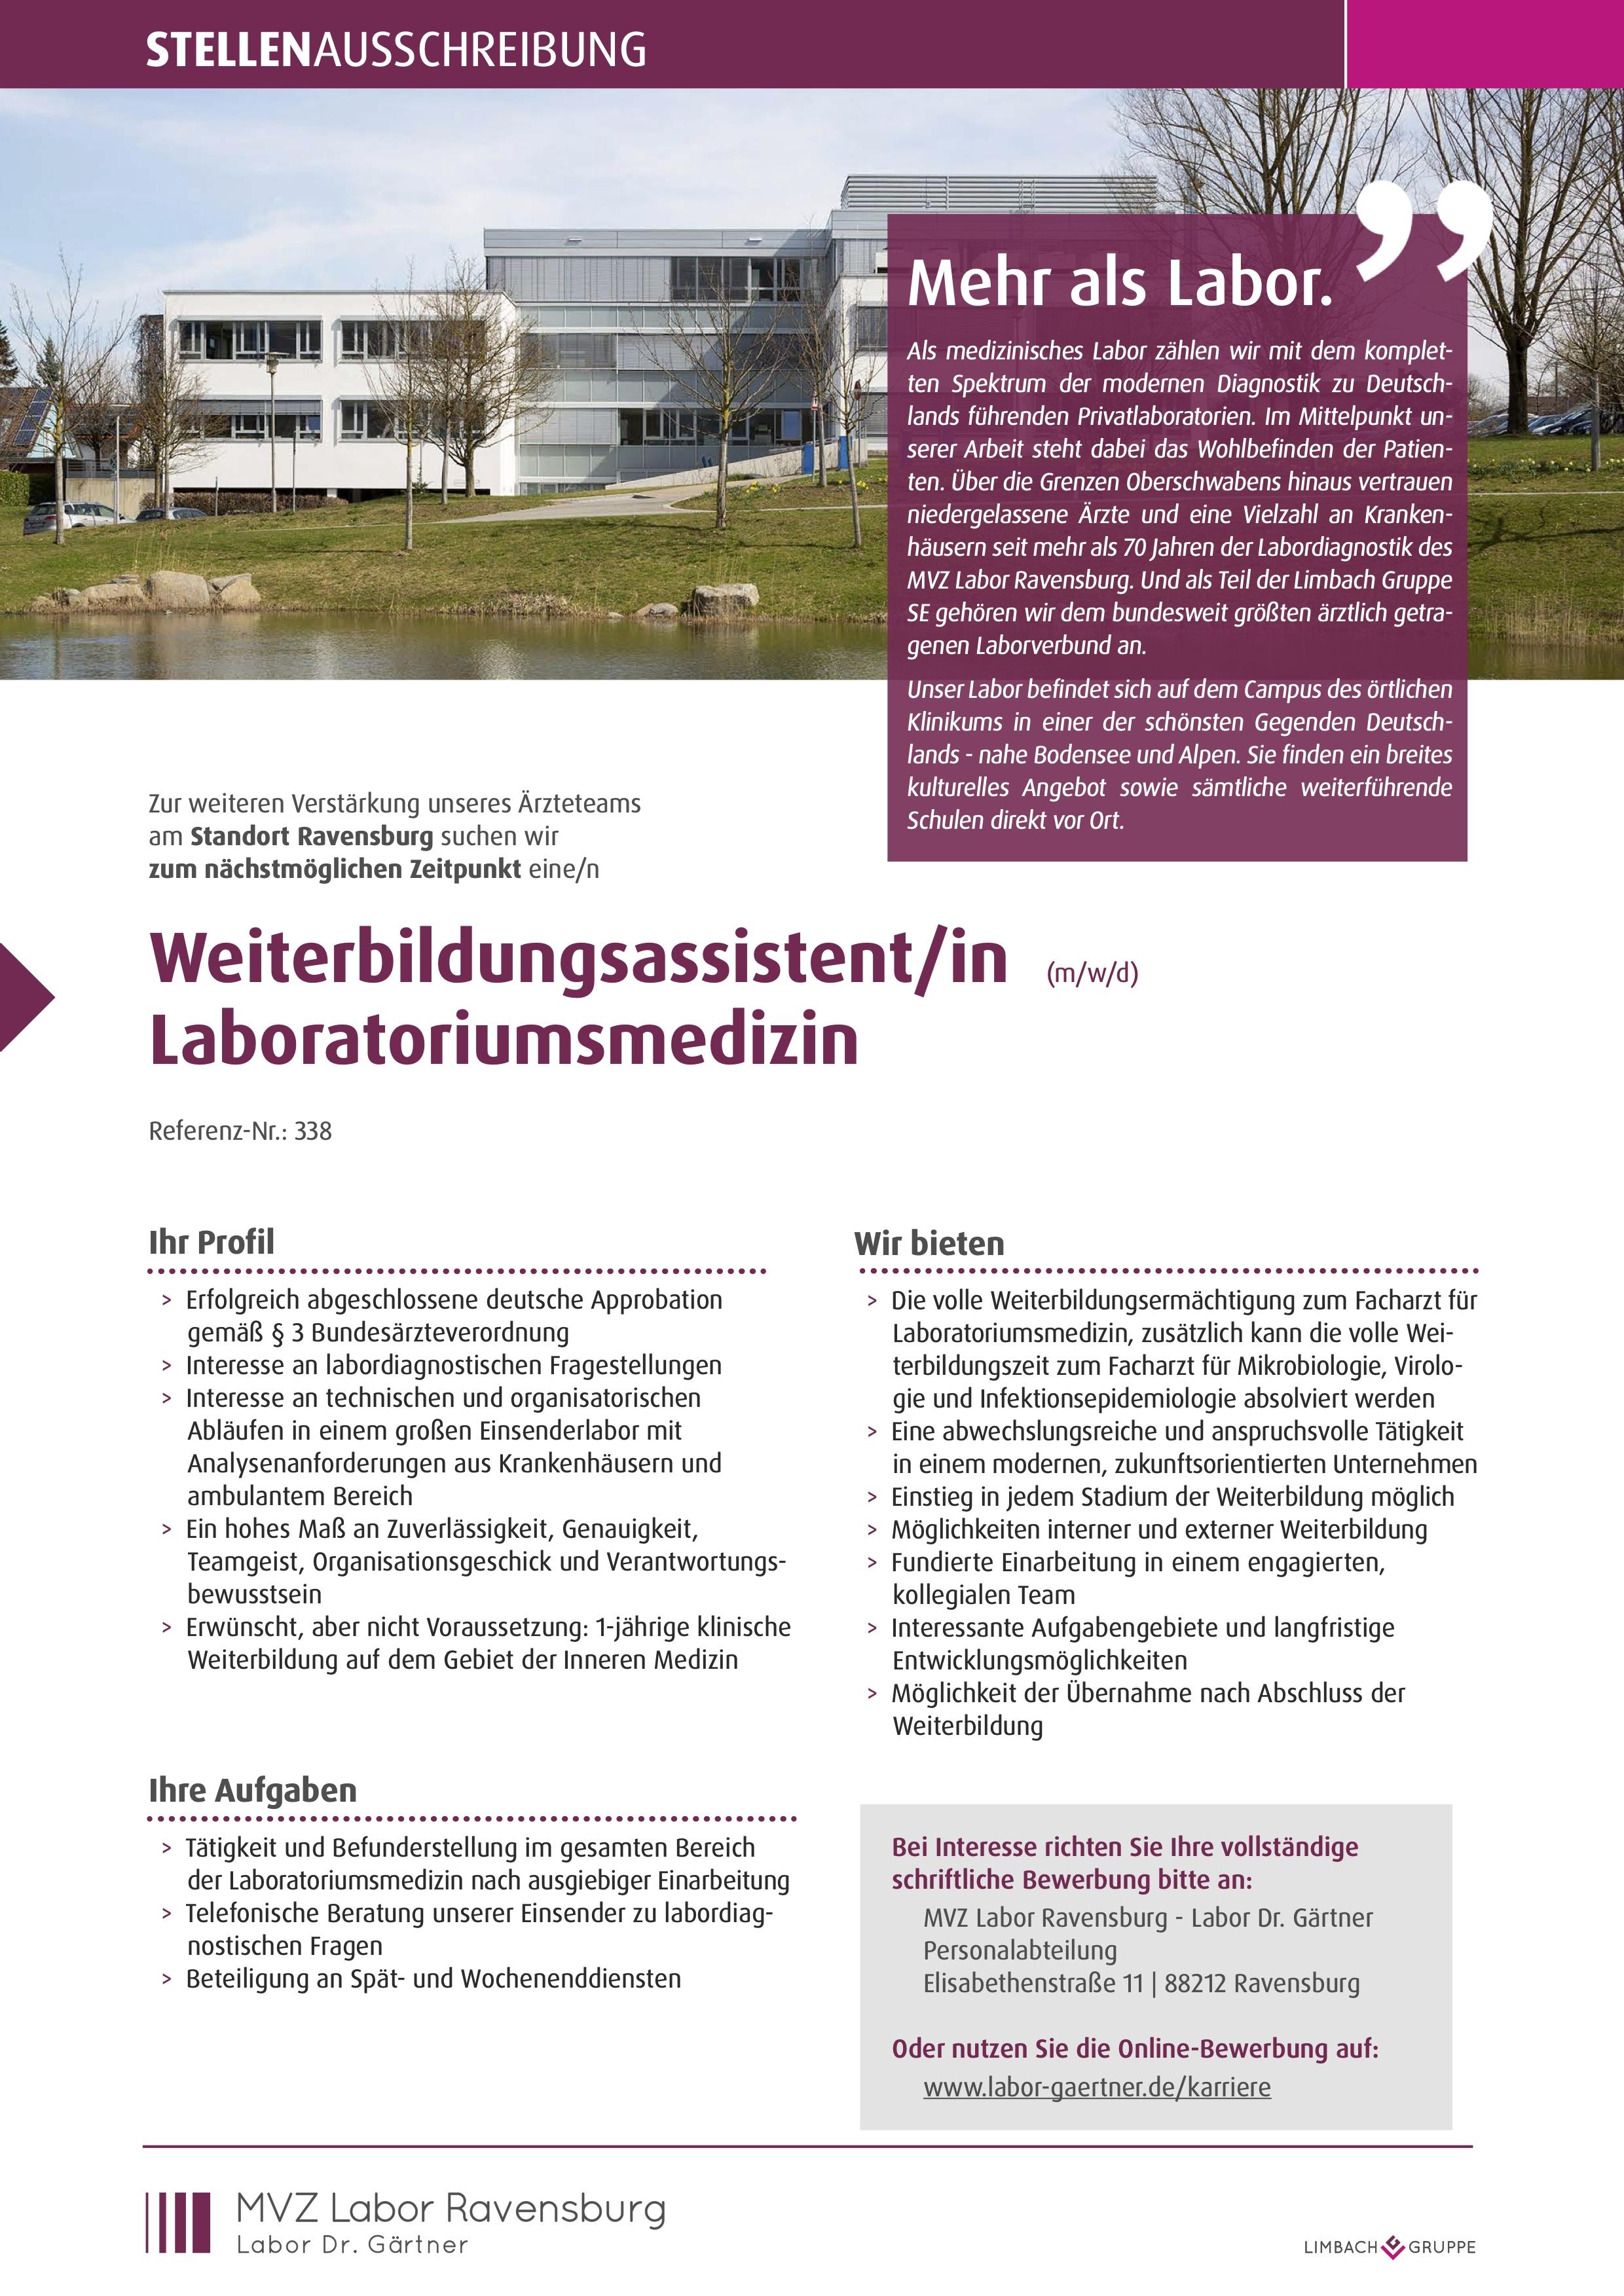 Weiterbildungsassistent/in (m/w/d) Laboratoriumsmedizin